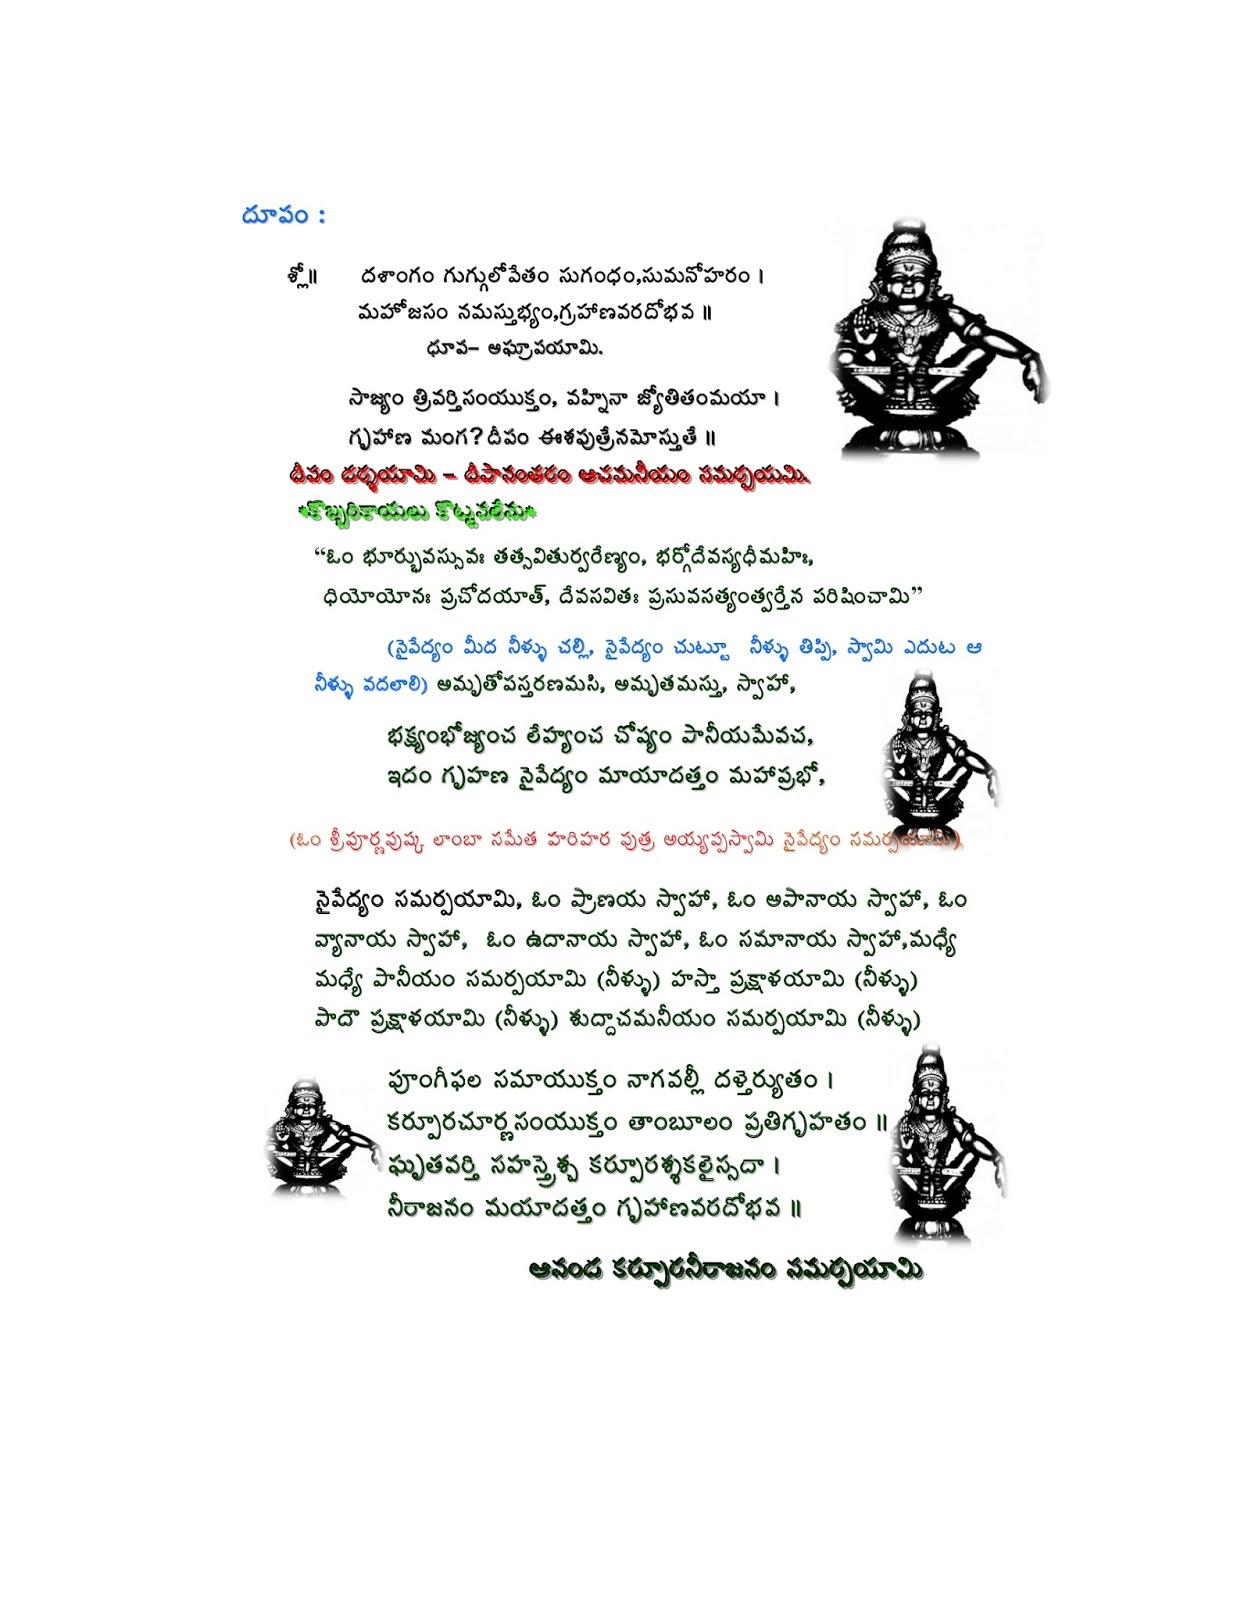 ayyappa pooja vidhanam in telugu pdf free download